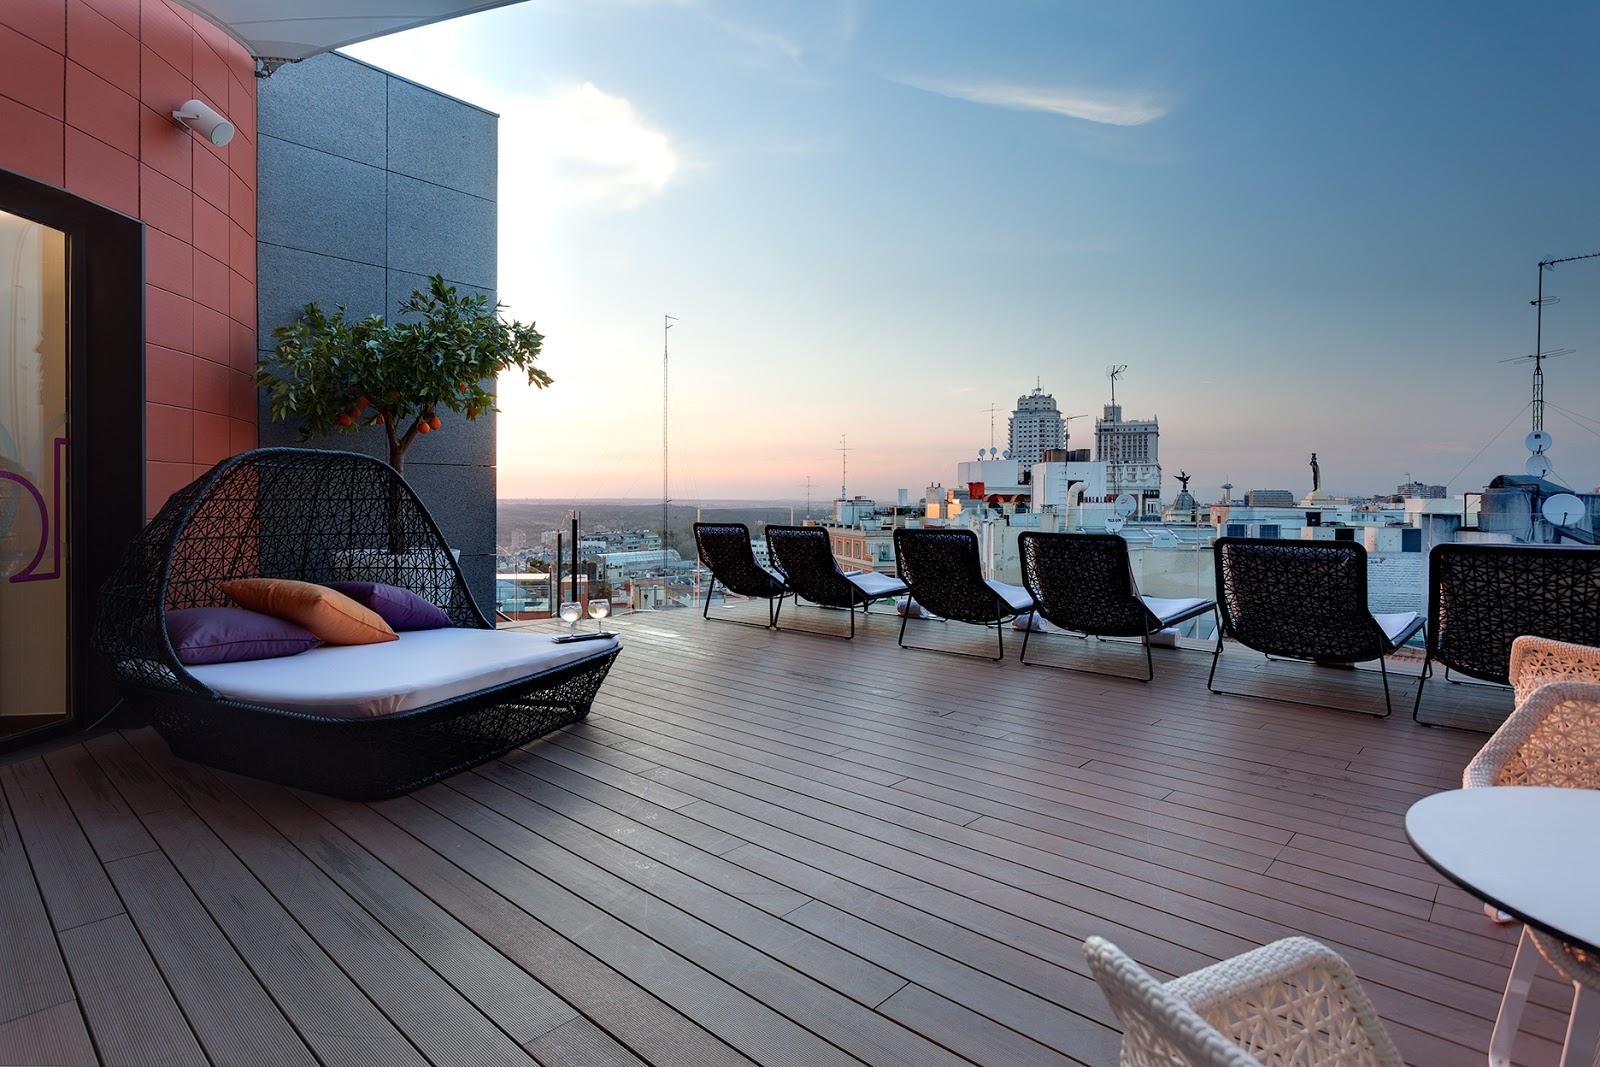 Azoteas y terrazas de hotel con vistas maravillosas de madrid for Azoteas madrid